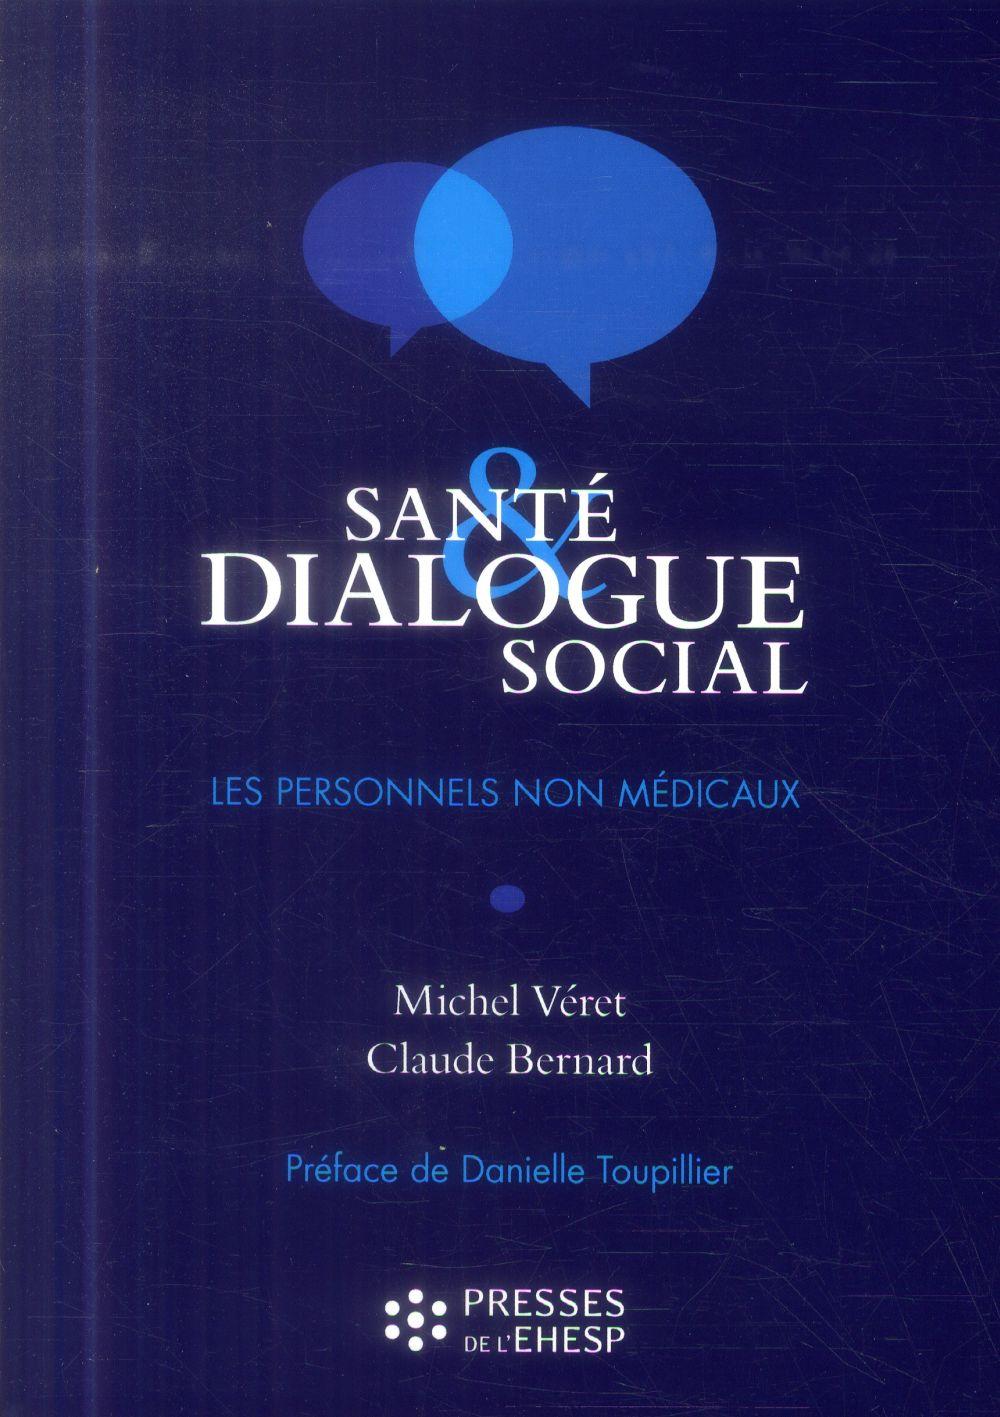 SANTE DIALOGUE SOCIAL